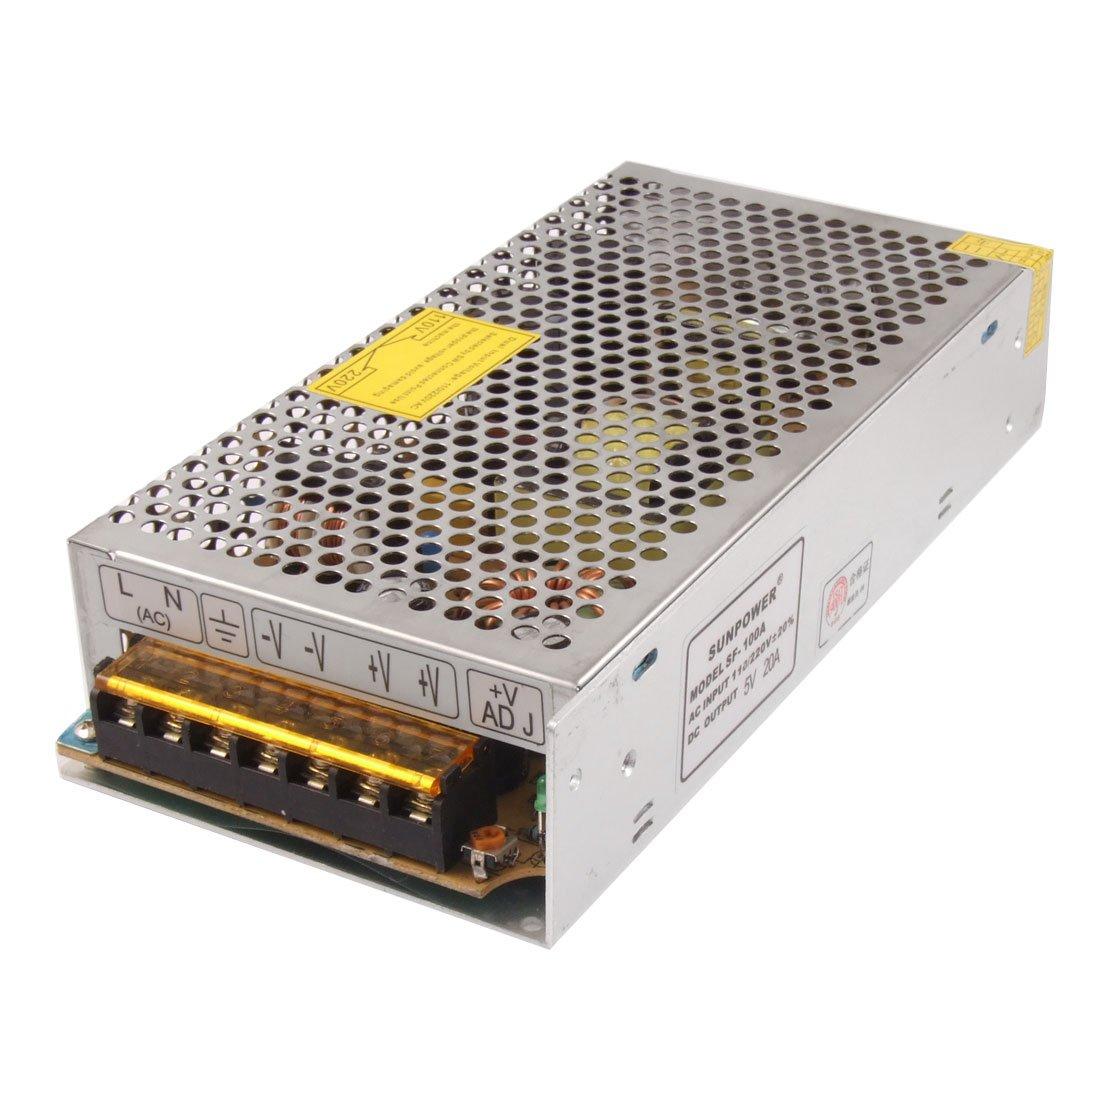 IMC Hot AC 110/220V DC 5V 20A 100W Power Supply Driver for LED Strip Light ac 85v 265v to 20 38v 600ma power supply driver adapter for led light lamp